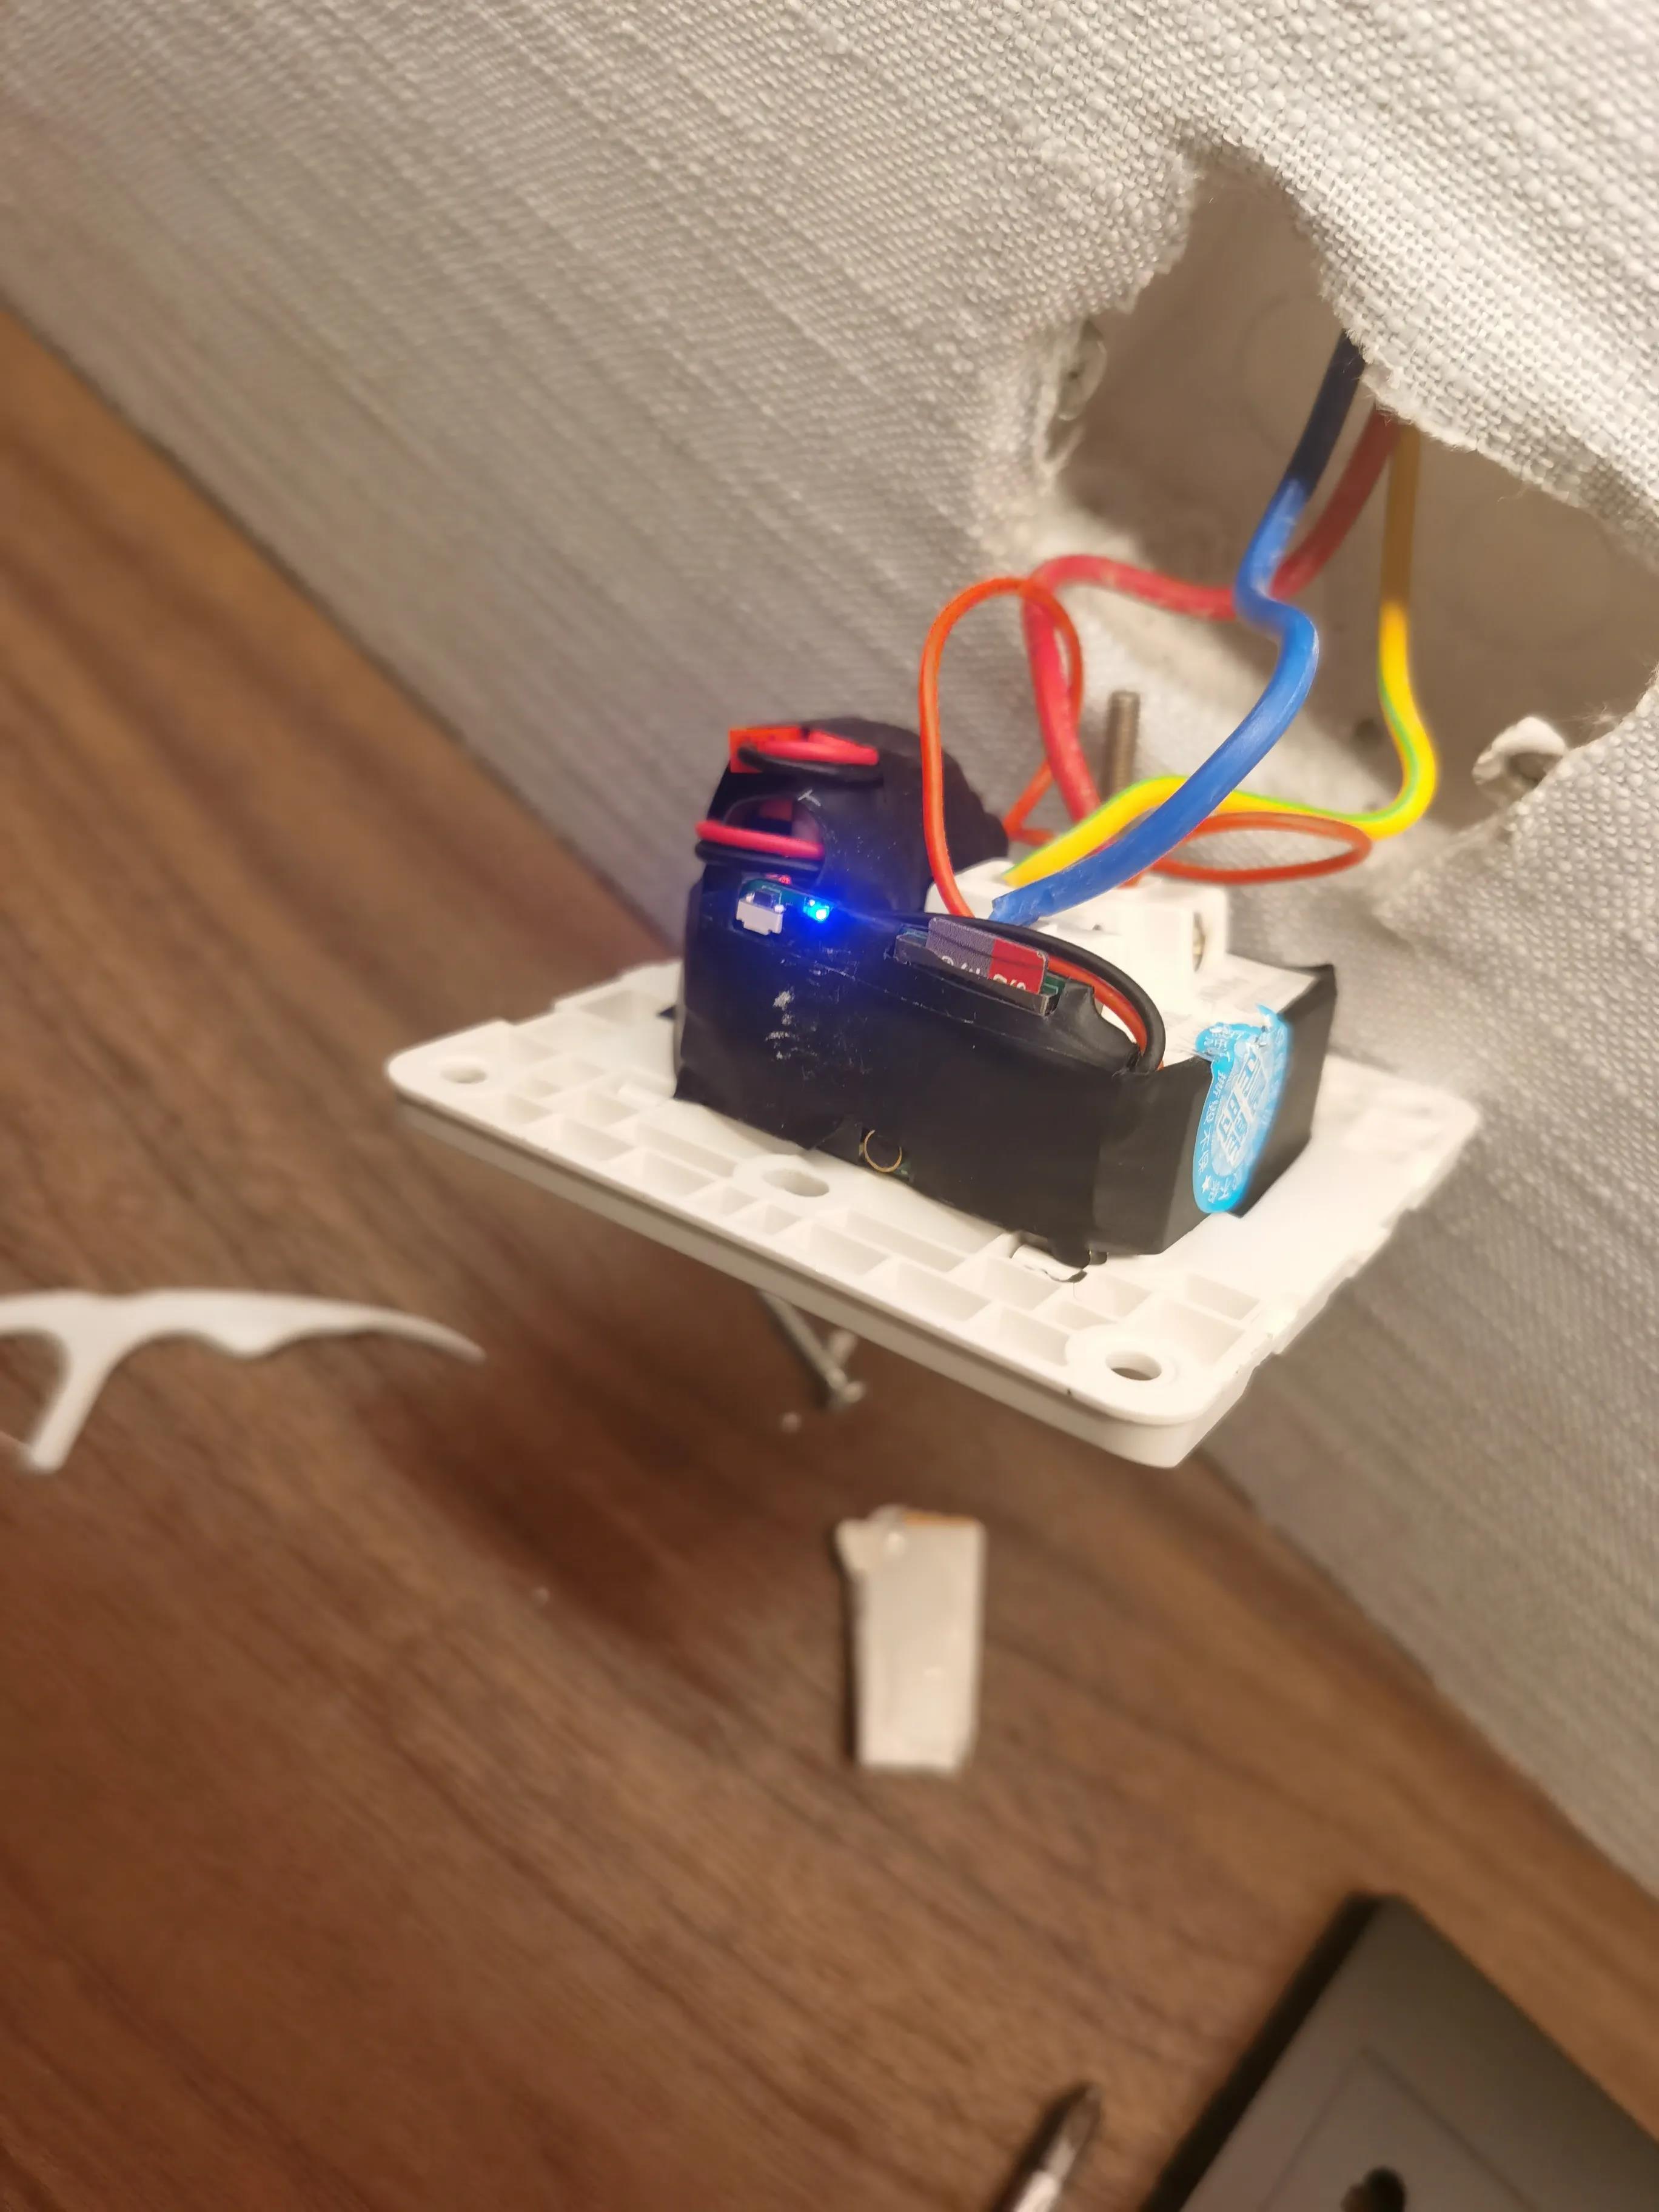 唐女士在酒店中发现插座藏有针孔摄像头 受访者供图